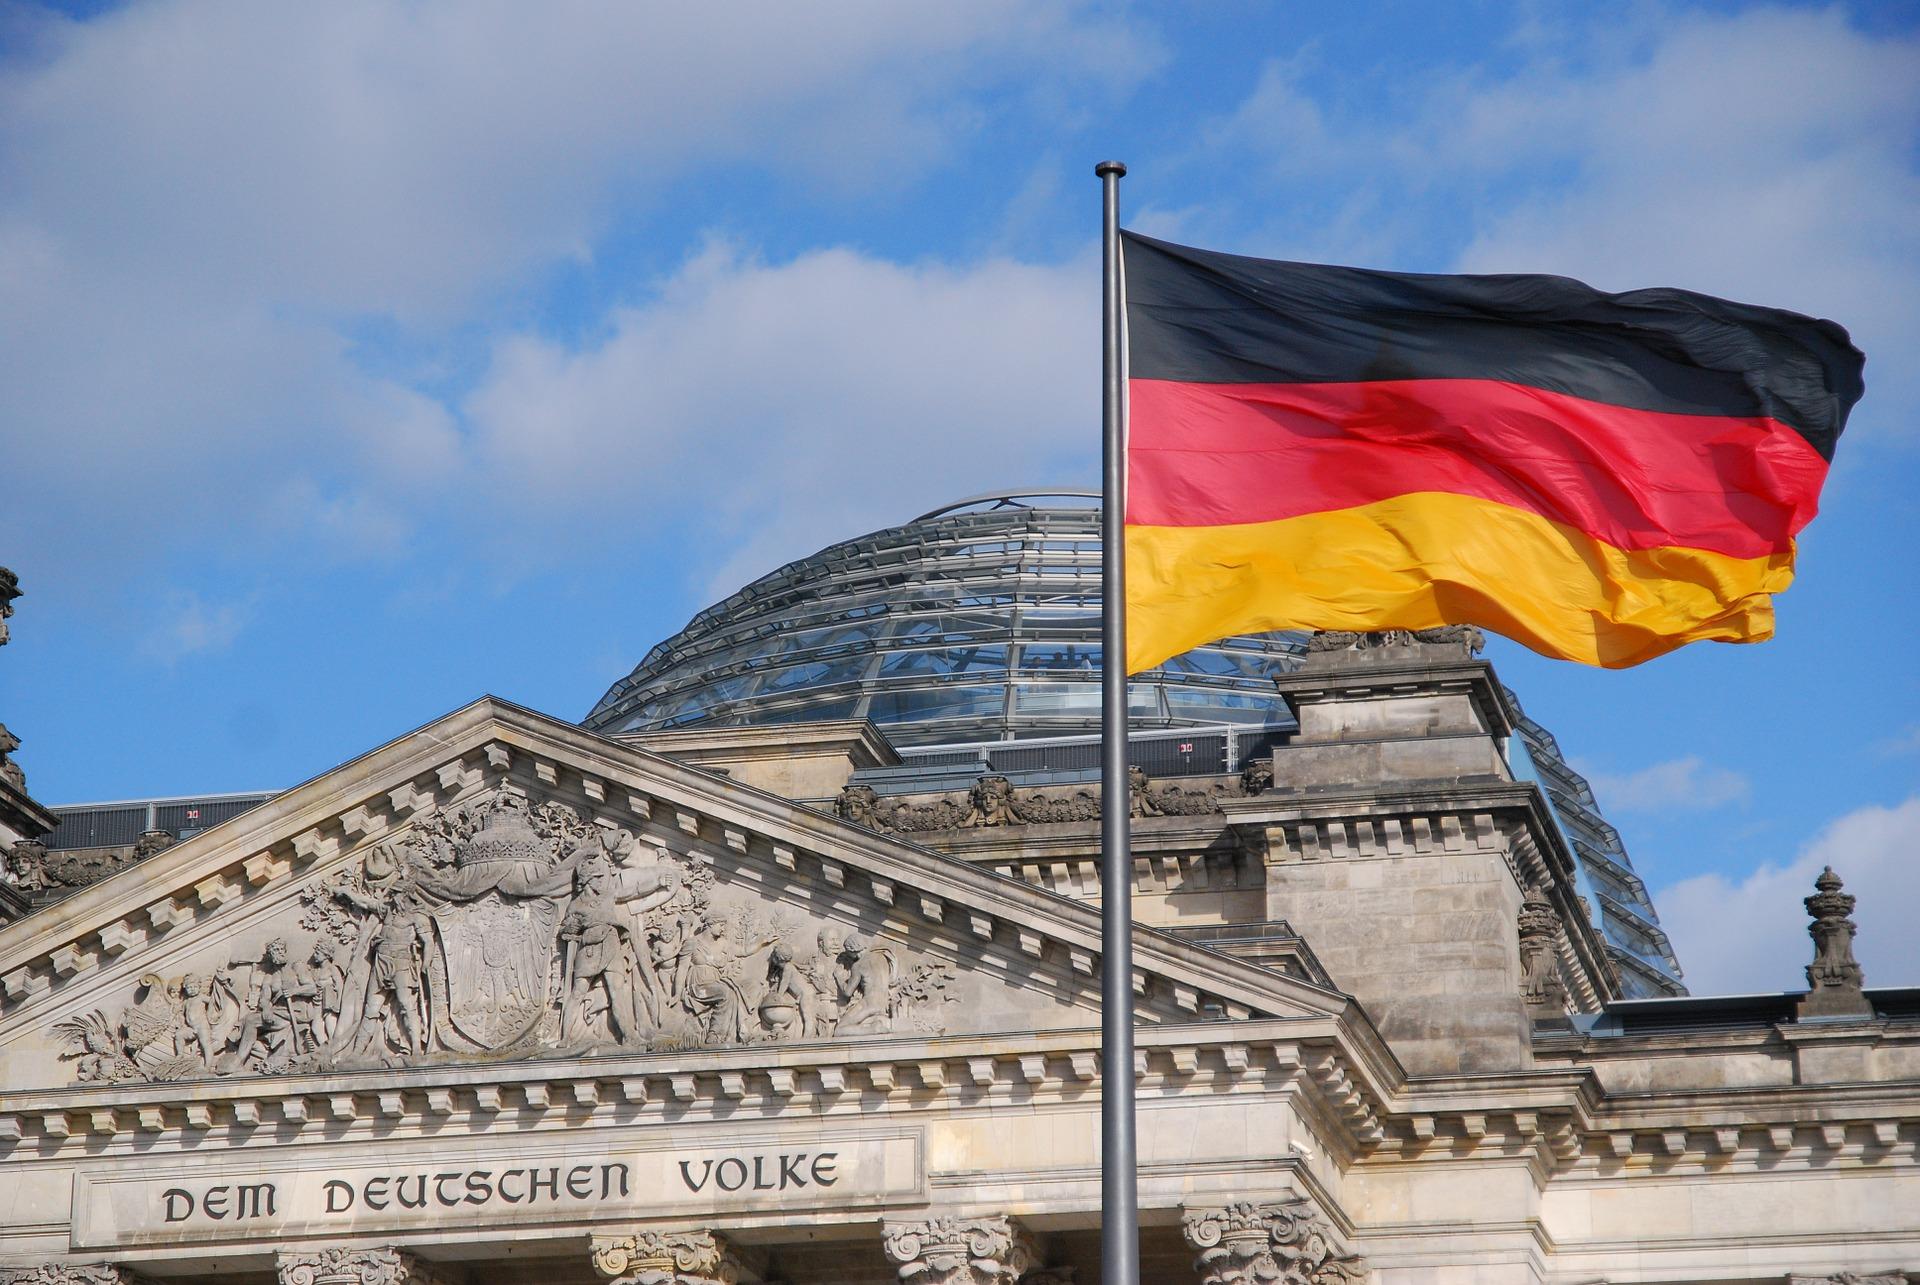 Wysyłka paczek kurierskich do Niemiec, przesyłki kurierskie do Niemiec - zamów kuriera już dzisiaj